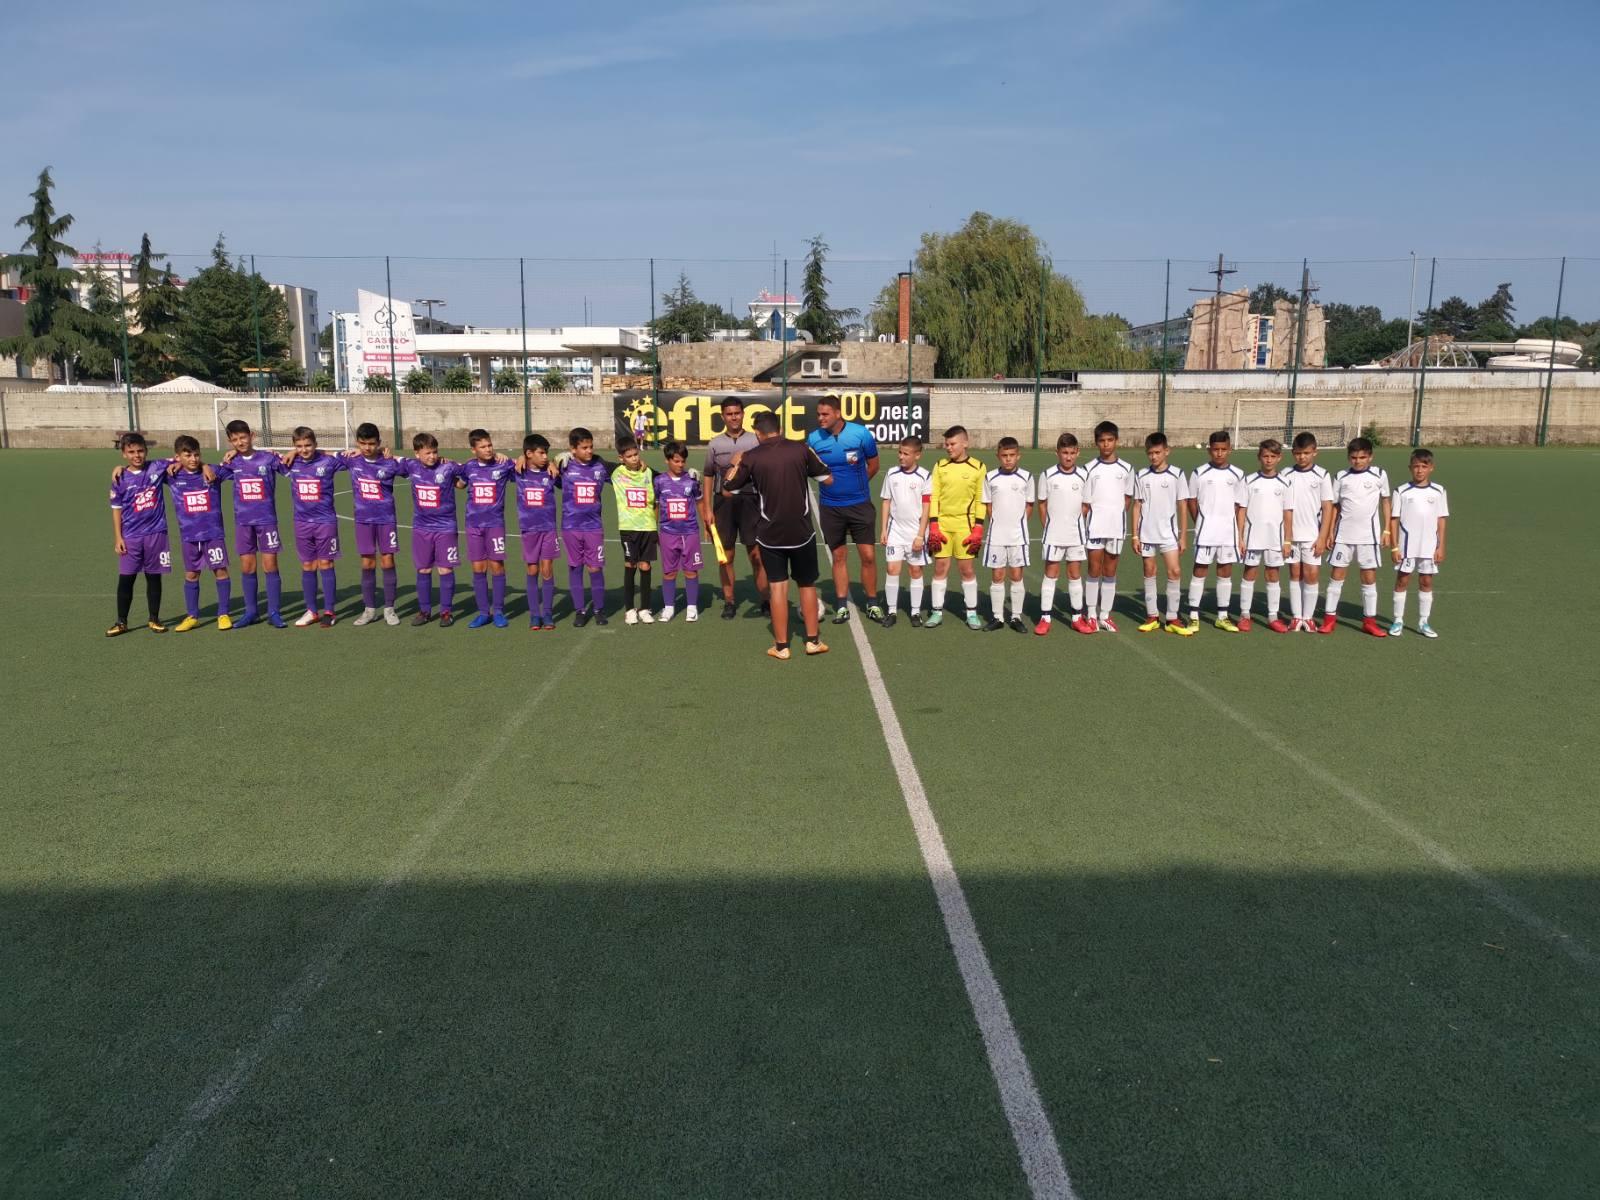 Photo of Miloš Nikolić selektor Regionalne selekcije Istočne Srbije na turniru u Šapcu